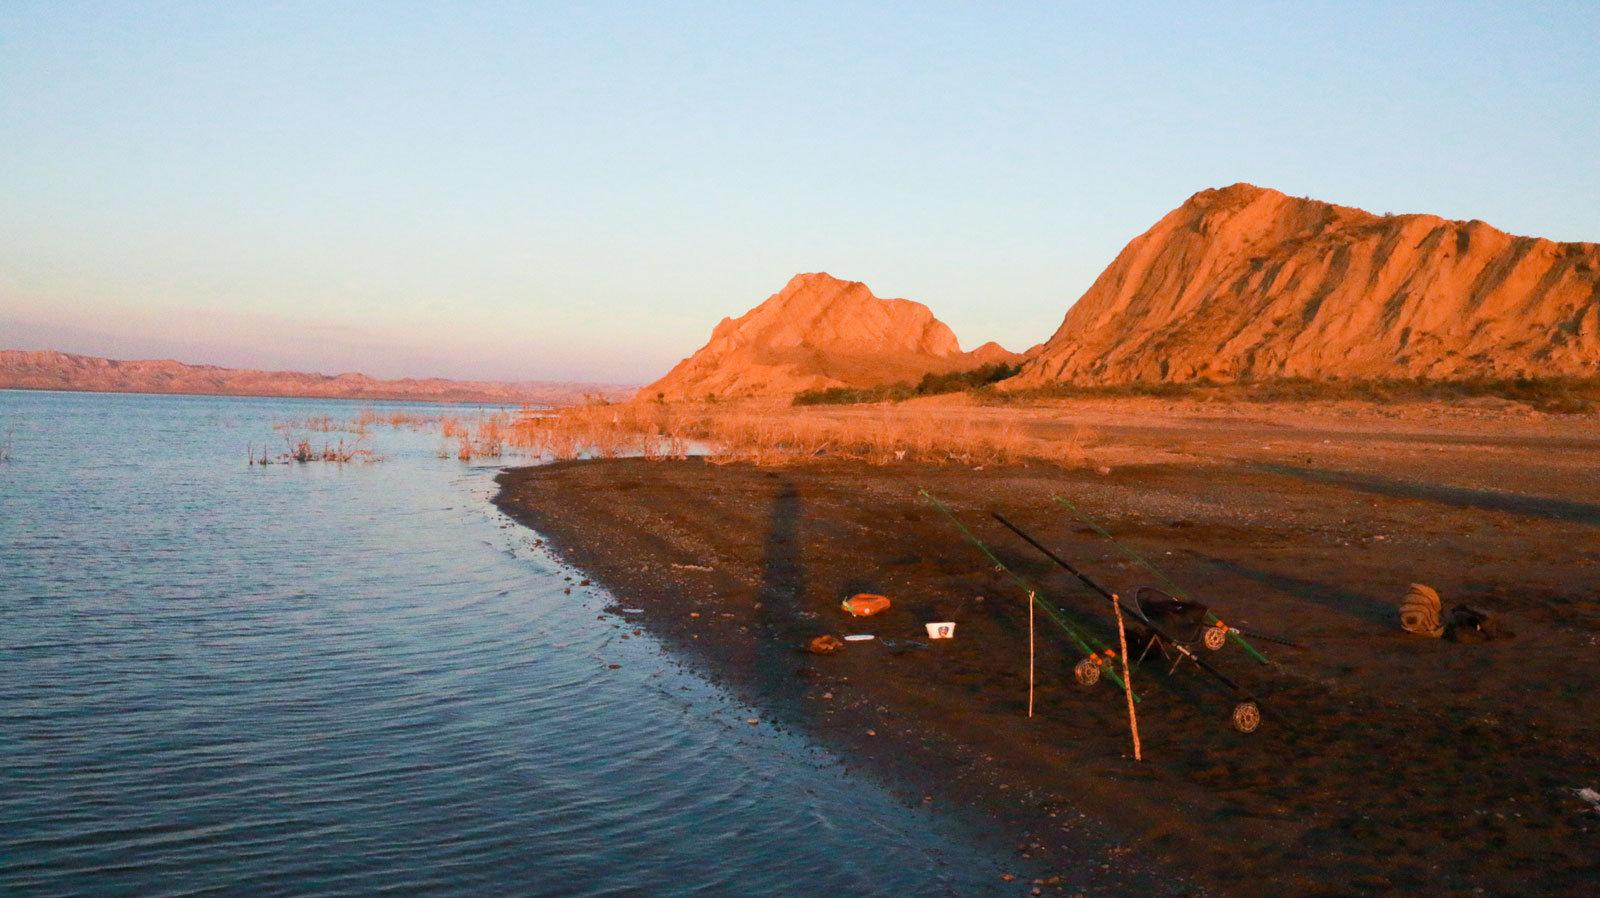 Mingəçevir su anbarının sahilində balıqçı tilovları